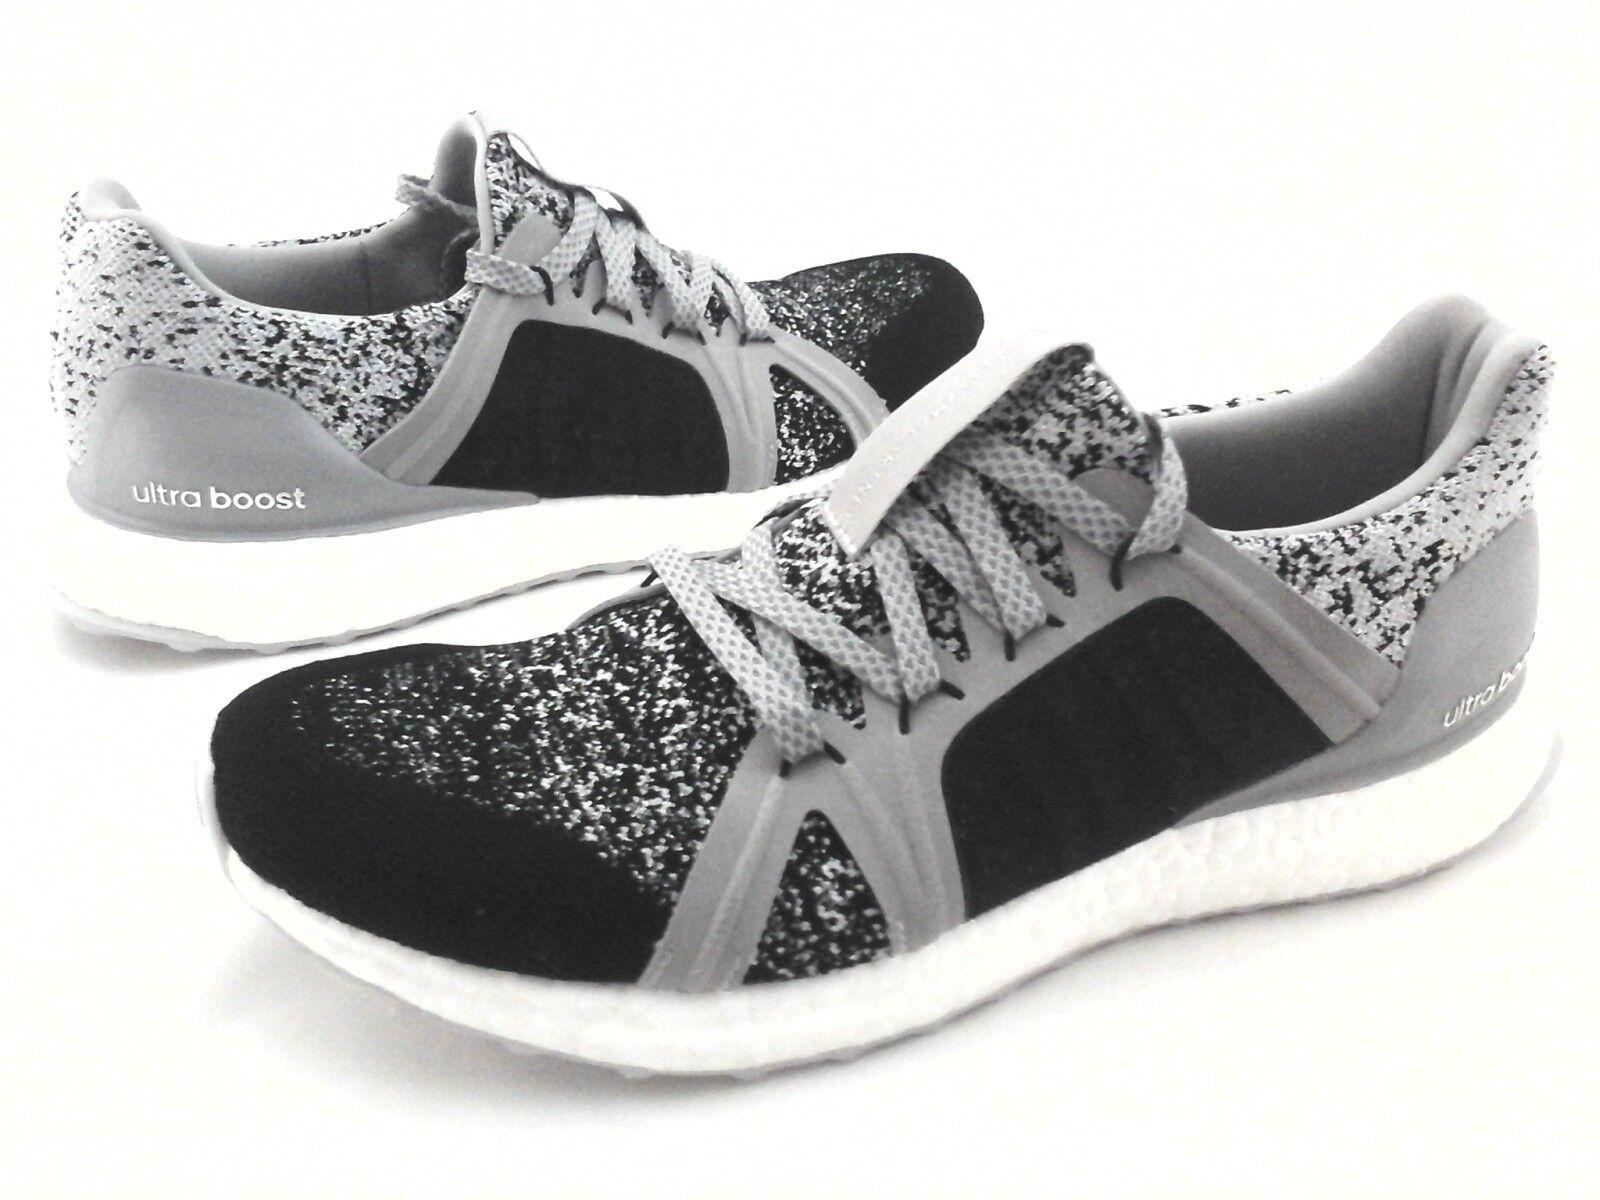 Adidas Stella McCartney Ultraboost Zapatos S80846 Negro Negro Negro Brillo US 6.5 EU 38 Nuevo  a precios asequibles